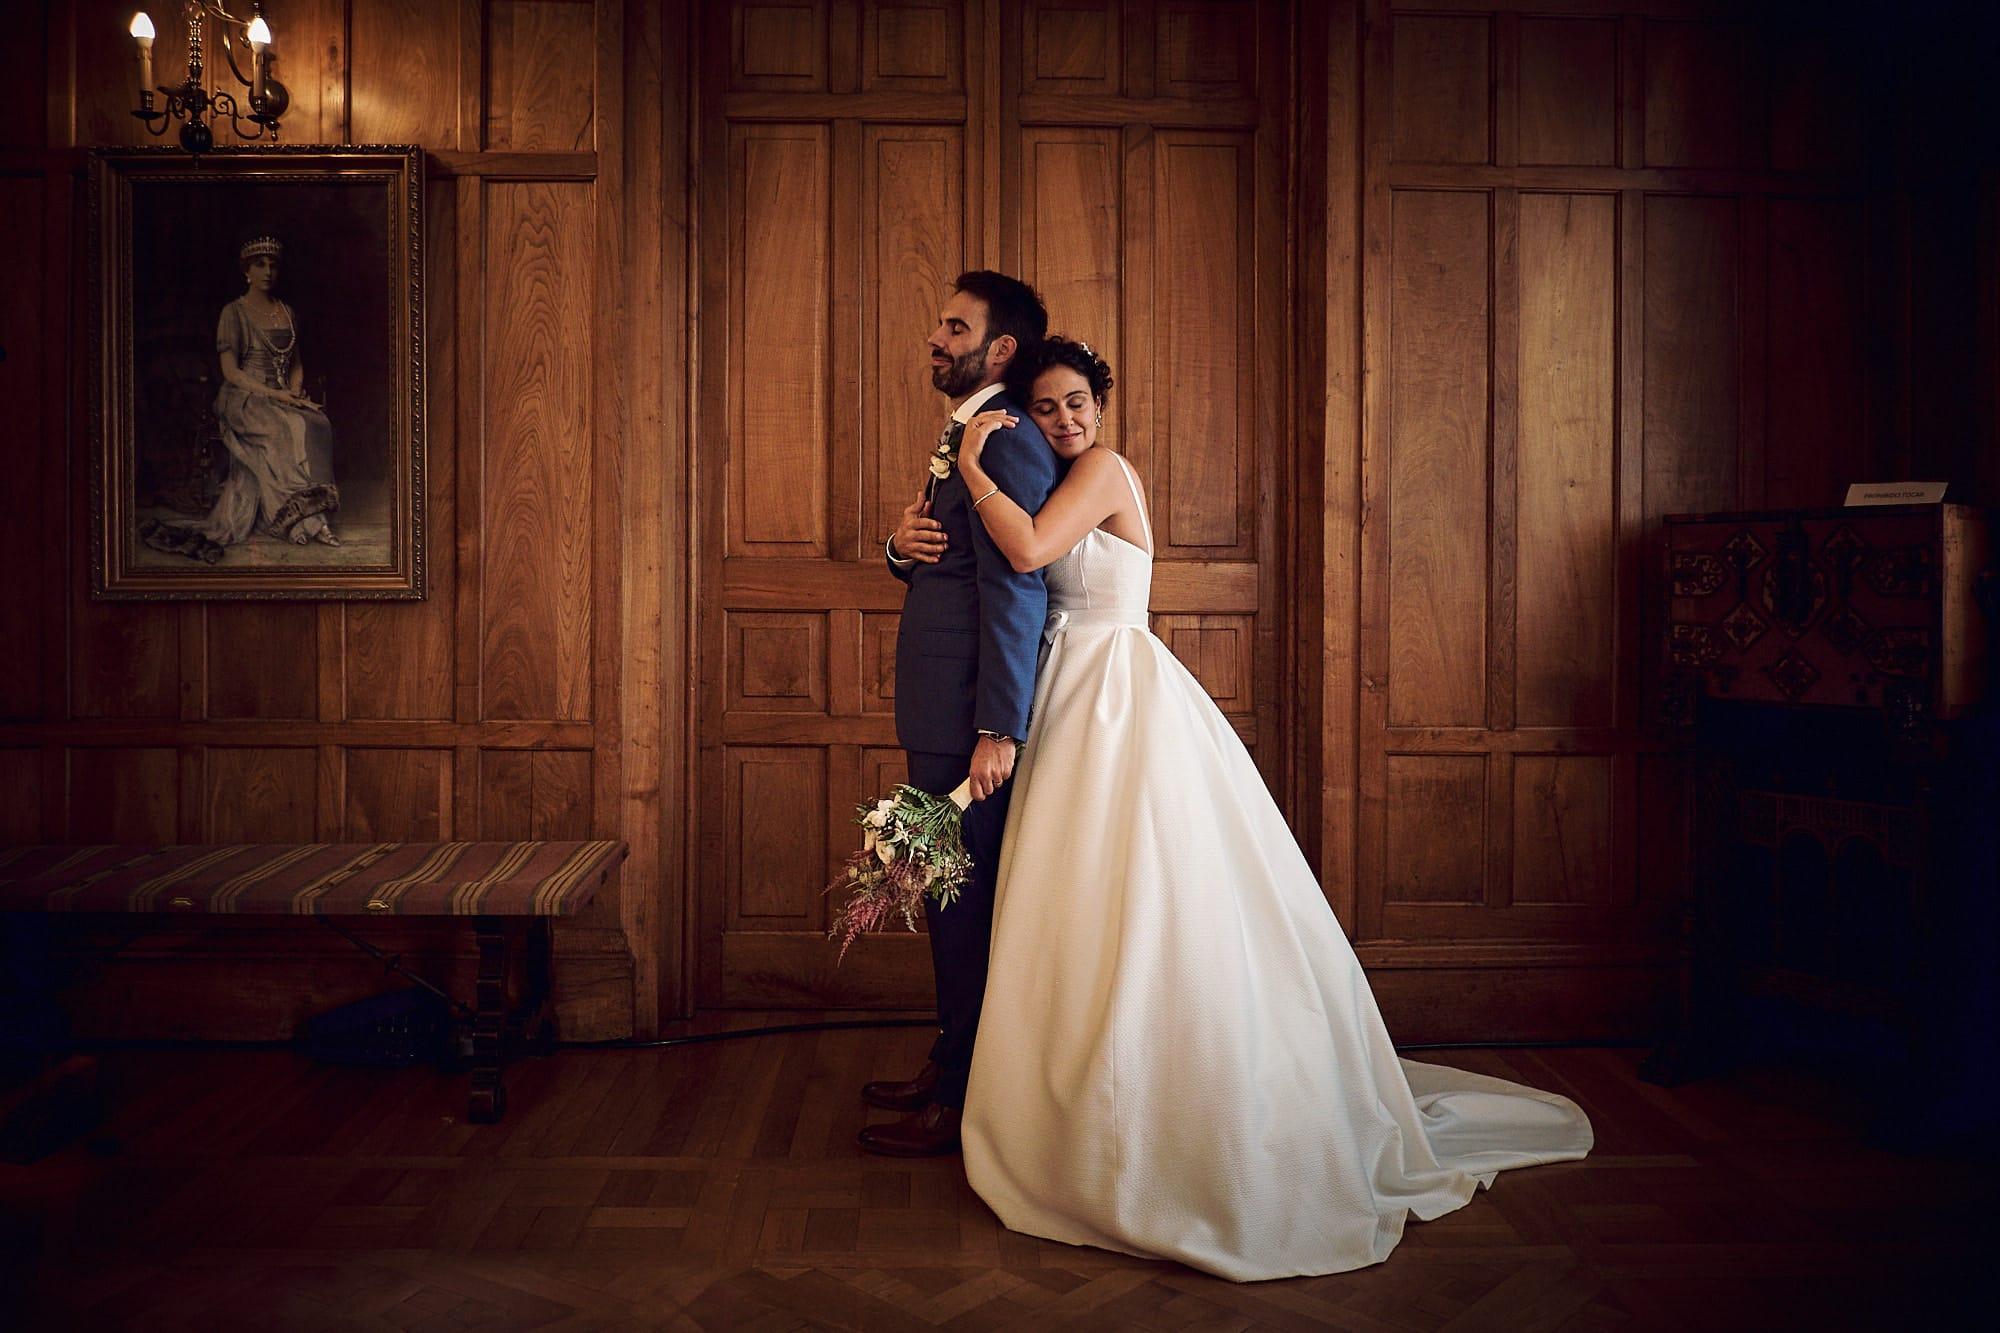 fotógrafo de boda en el Palacio de la Magdalena y el hotel bahia de santander